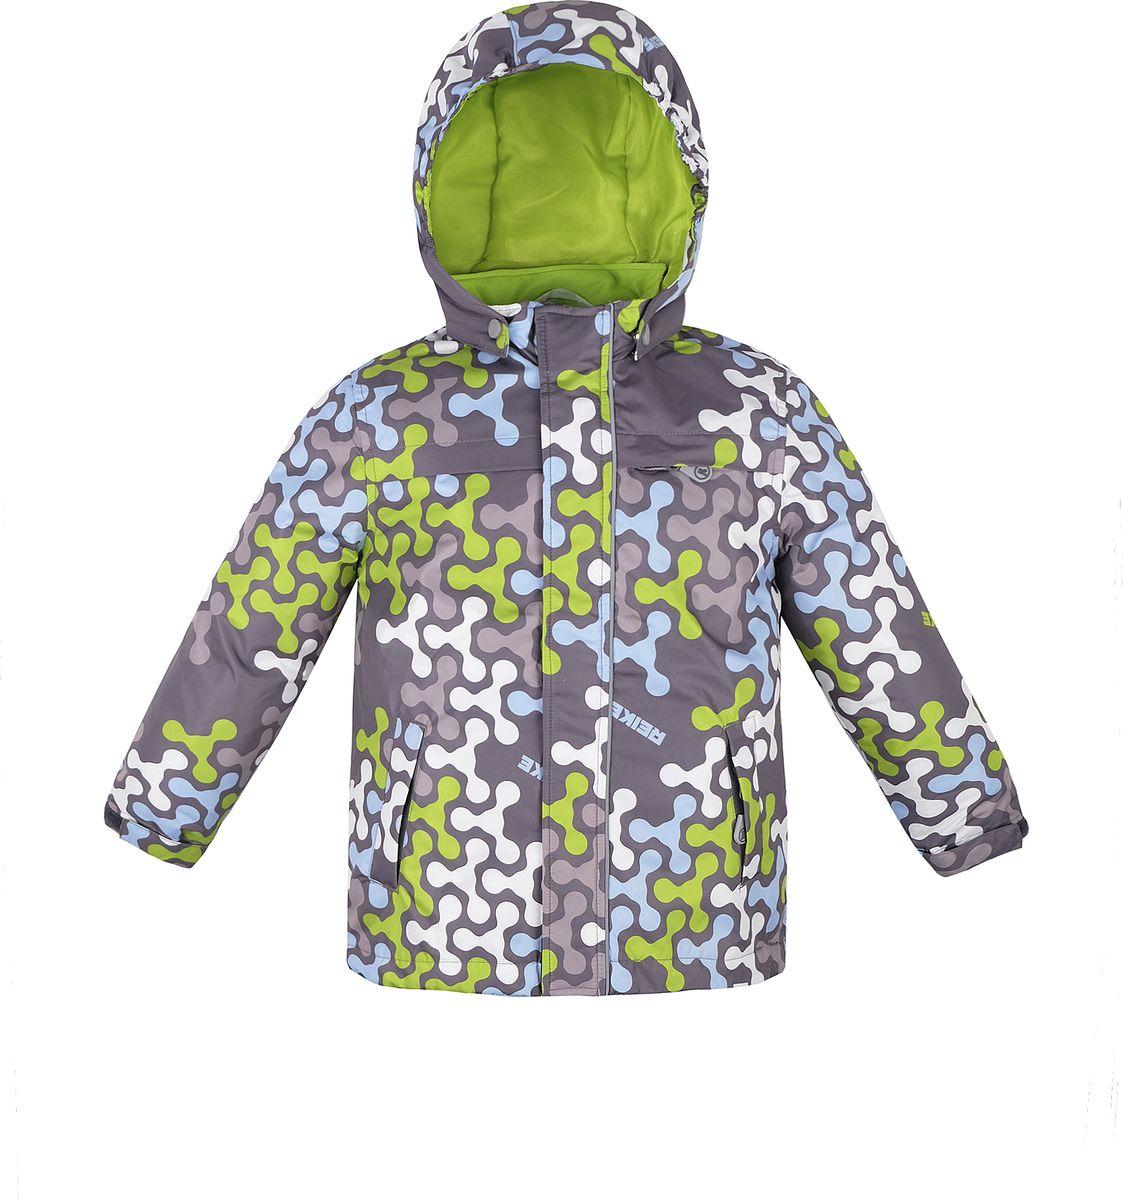 Куртка для мальчика Reike, цвет: серый. 40 895 115_SPN(60) grey. Размер 122, 7 лет40 895 115_SPN(60) greyКуртка для мальчика Reike Spinner выполнена из ветрозащитного, водоотталкивающего и дышащего мембранного материала, декорированного ярким молодежным принтом. Подкладка - полиэстер, на воротнике и ветрозащитной планке вставки из микрофлиса. Манжеты на резинке дополнительно регулируются с помощью липучек. Модель имеет съемный регулирующийся капюшон, три кармана на молнии и полоску светоотражателя спереди. Базовый уровень. Коэффициент воздухопроницаемости куртки 2000гр/м2/24 ч. Водоотталкивающее покрытие: 2000 мм. Утеплитель: Polyfill 60 гр.